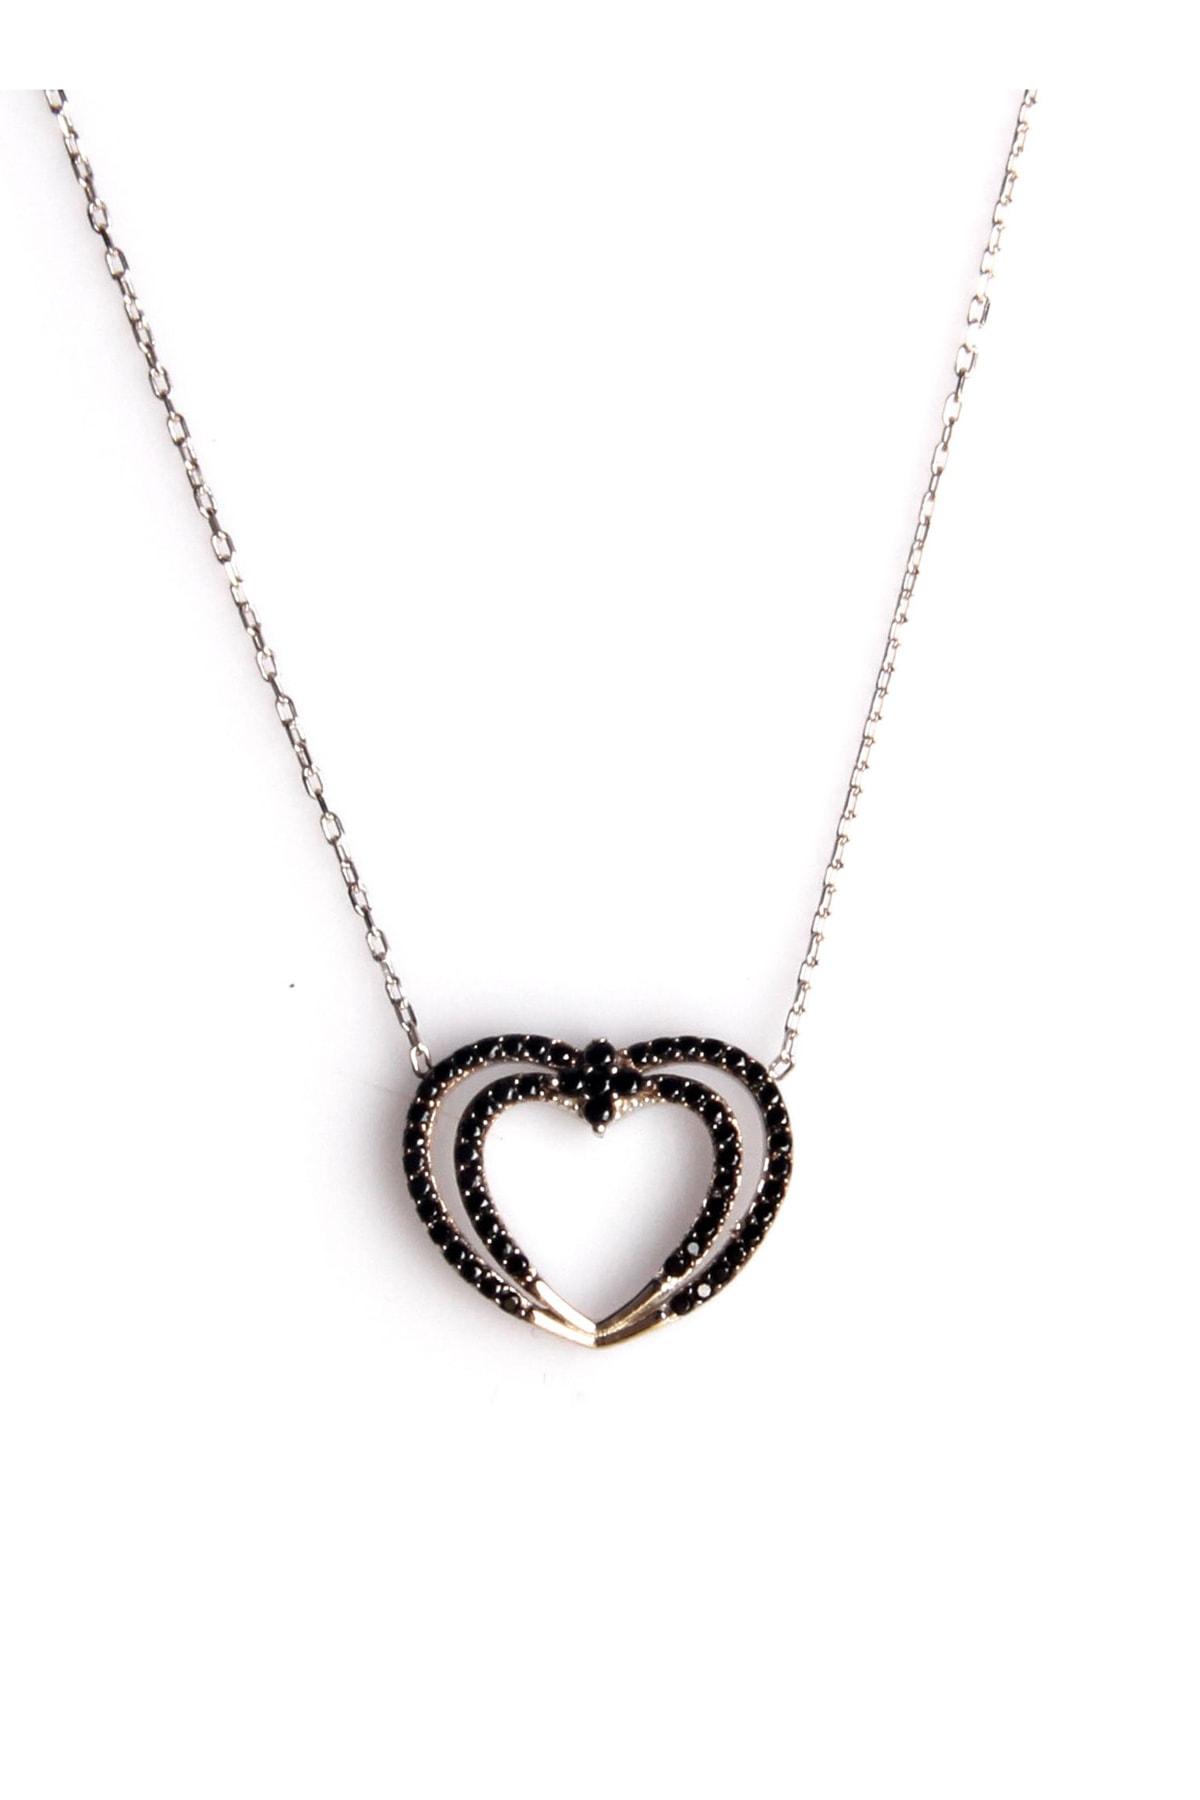 Sahra Zirkon Süslemeli Kalp Tasarım 925 Ayar Gümüş Kolye KLY-0066-27 1